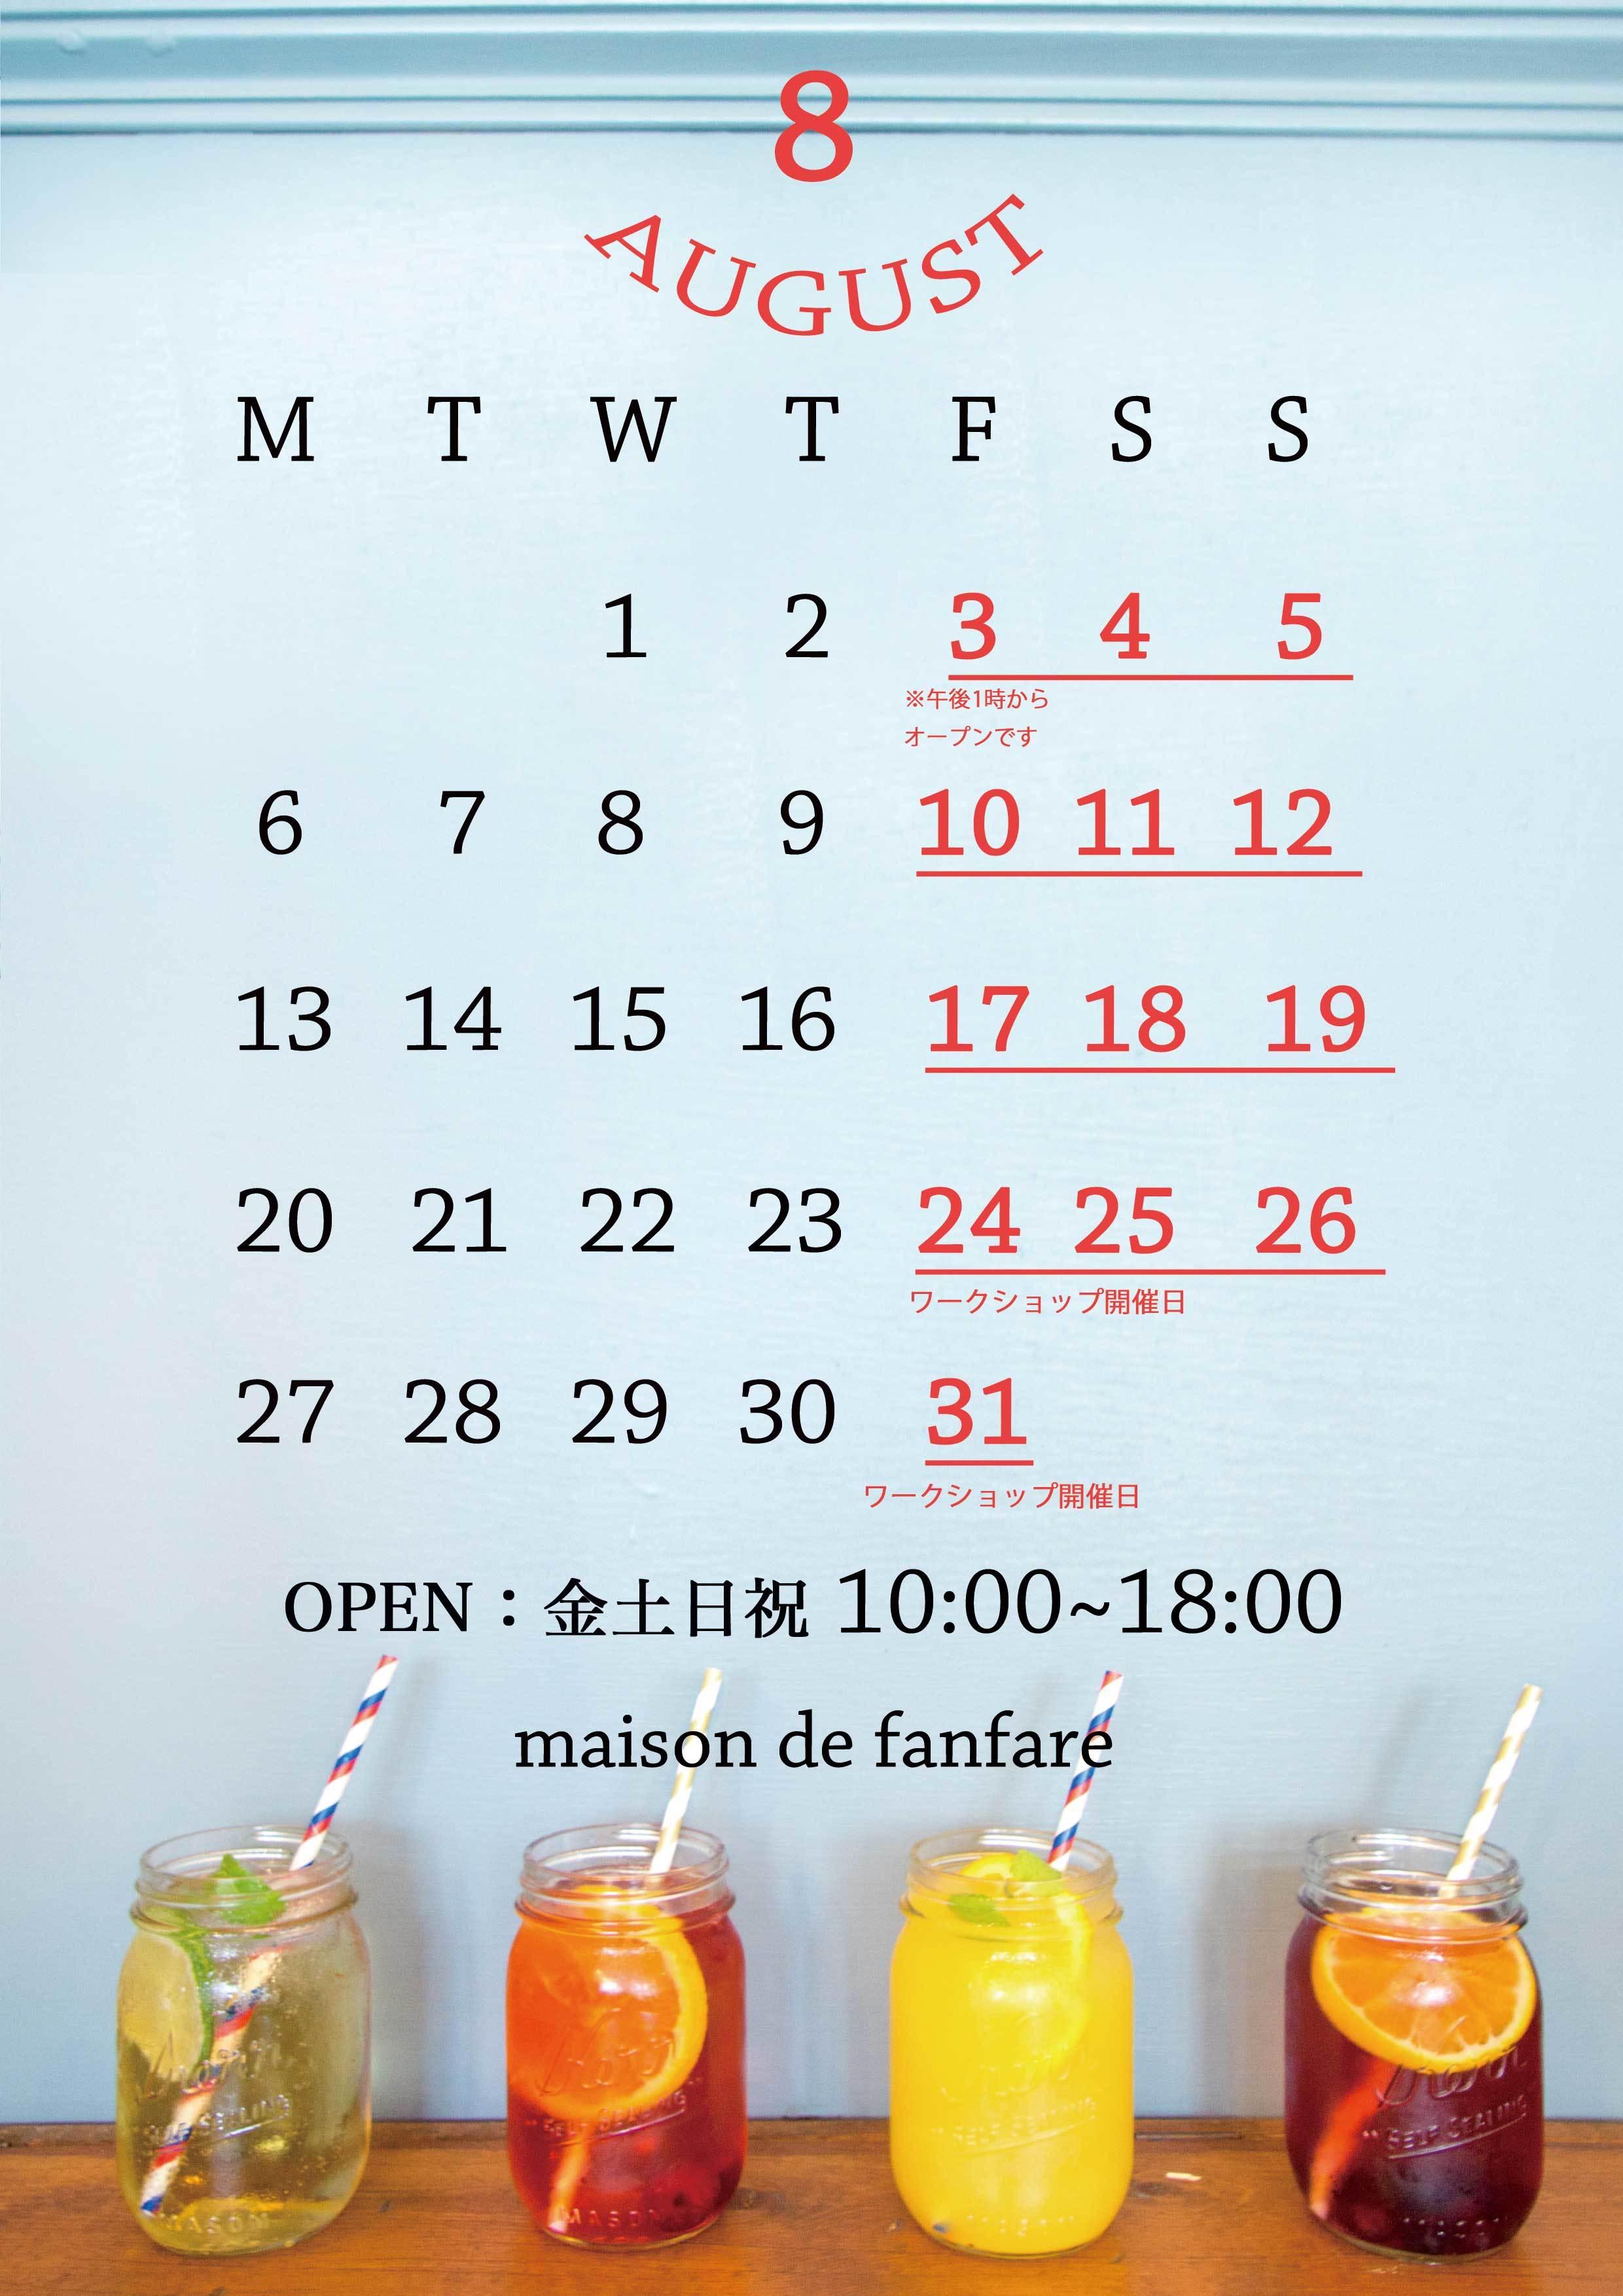 8月の営業カレンダー_e0230987_14445586.jpg